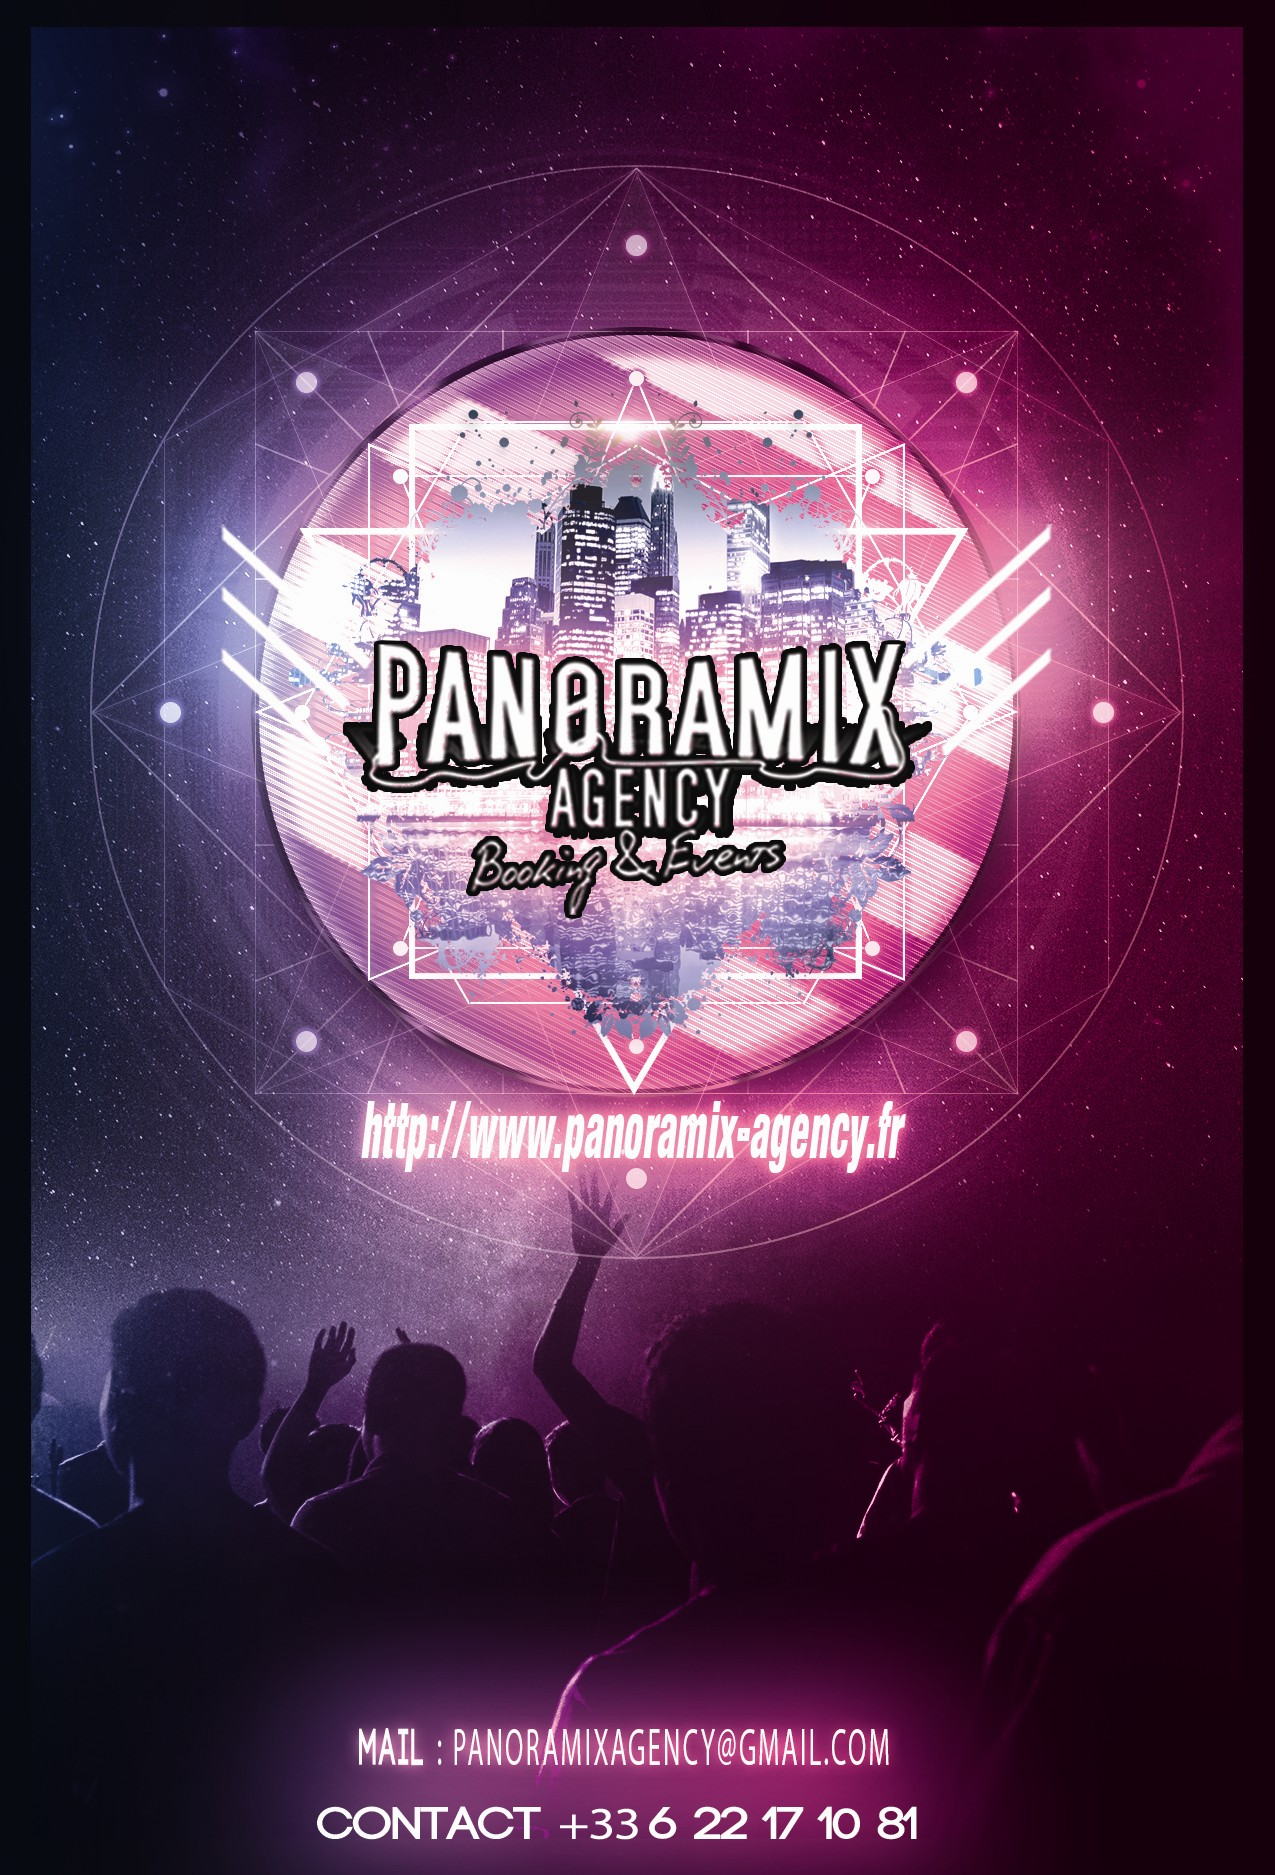 https://panoramix-radio-station.com/wp-content/uploads/2017/11/PANORAMIX-Flyer.jpg